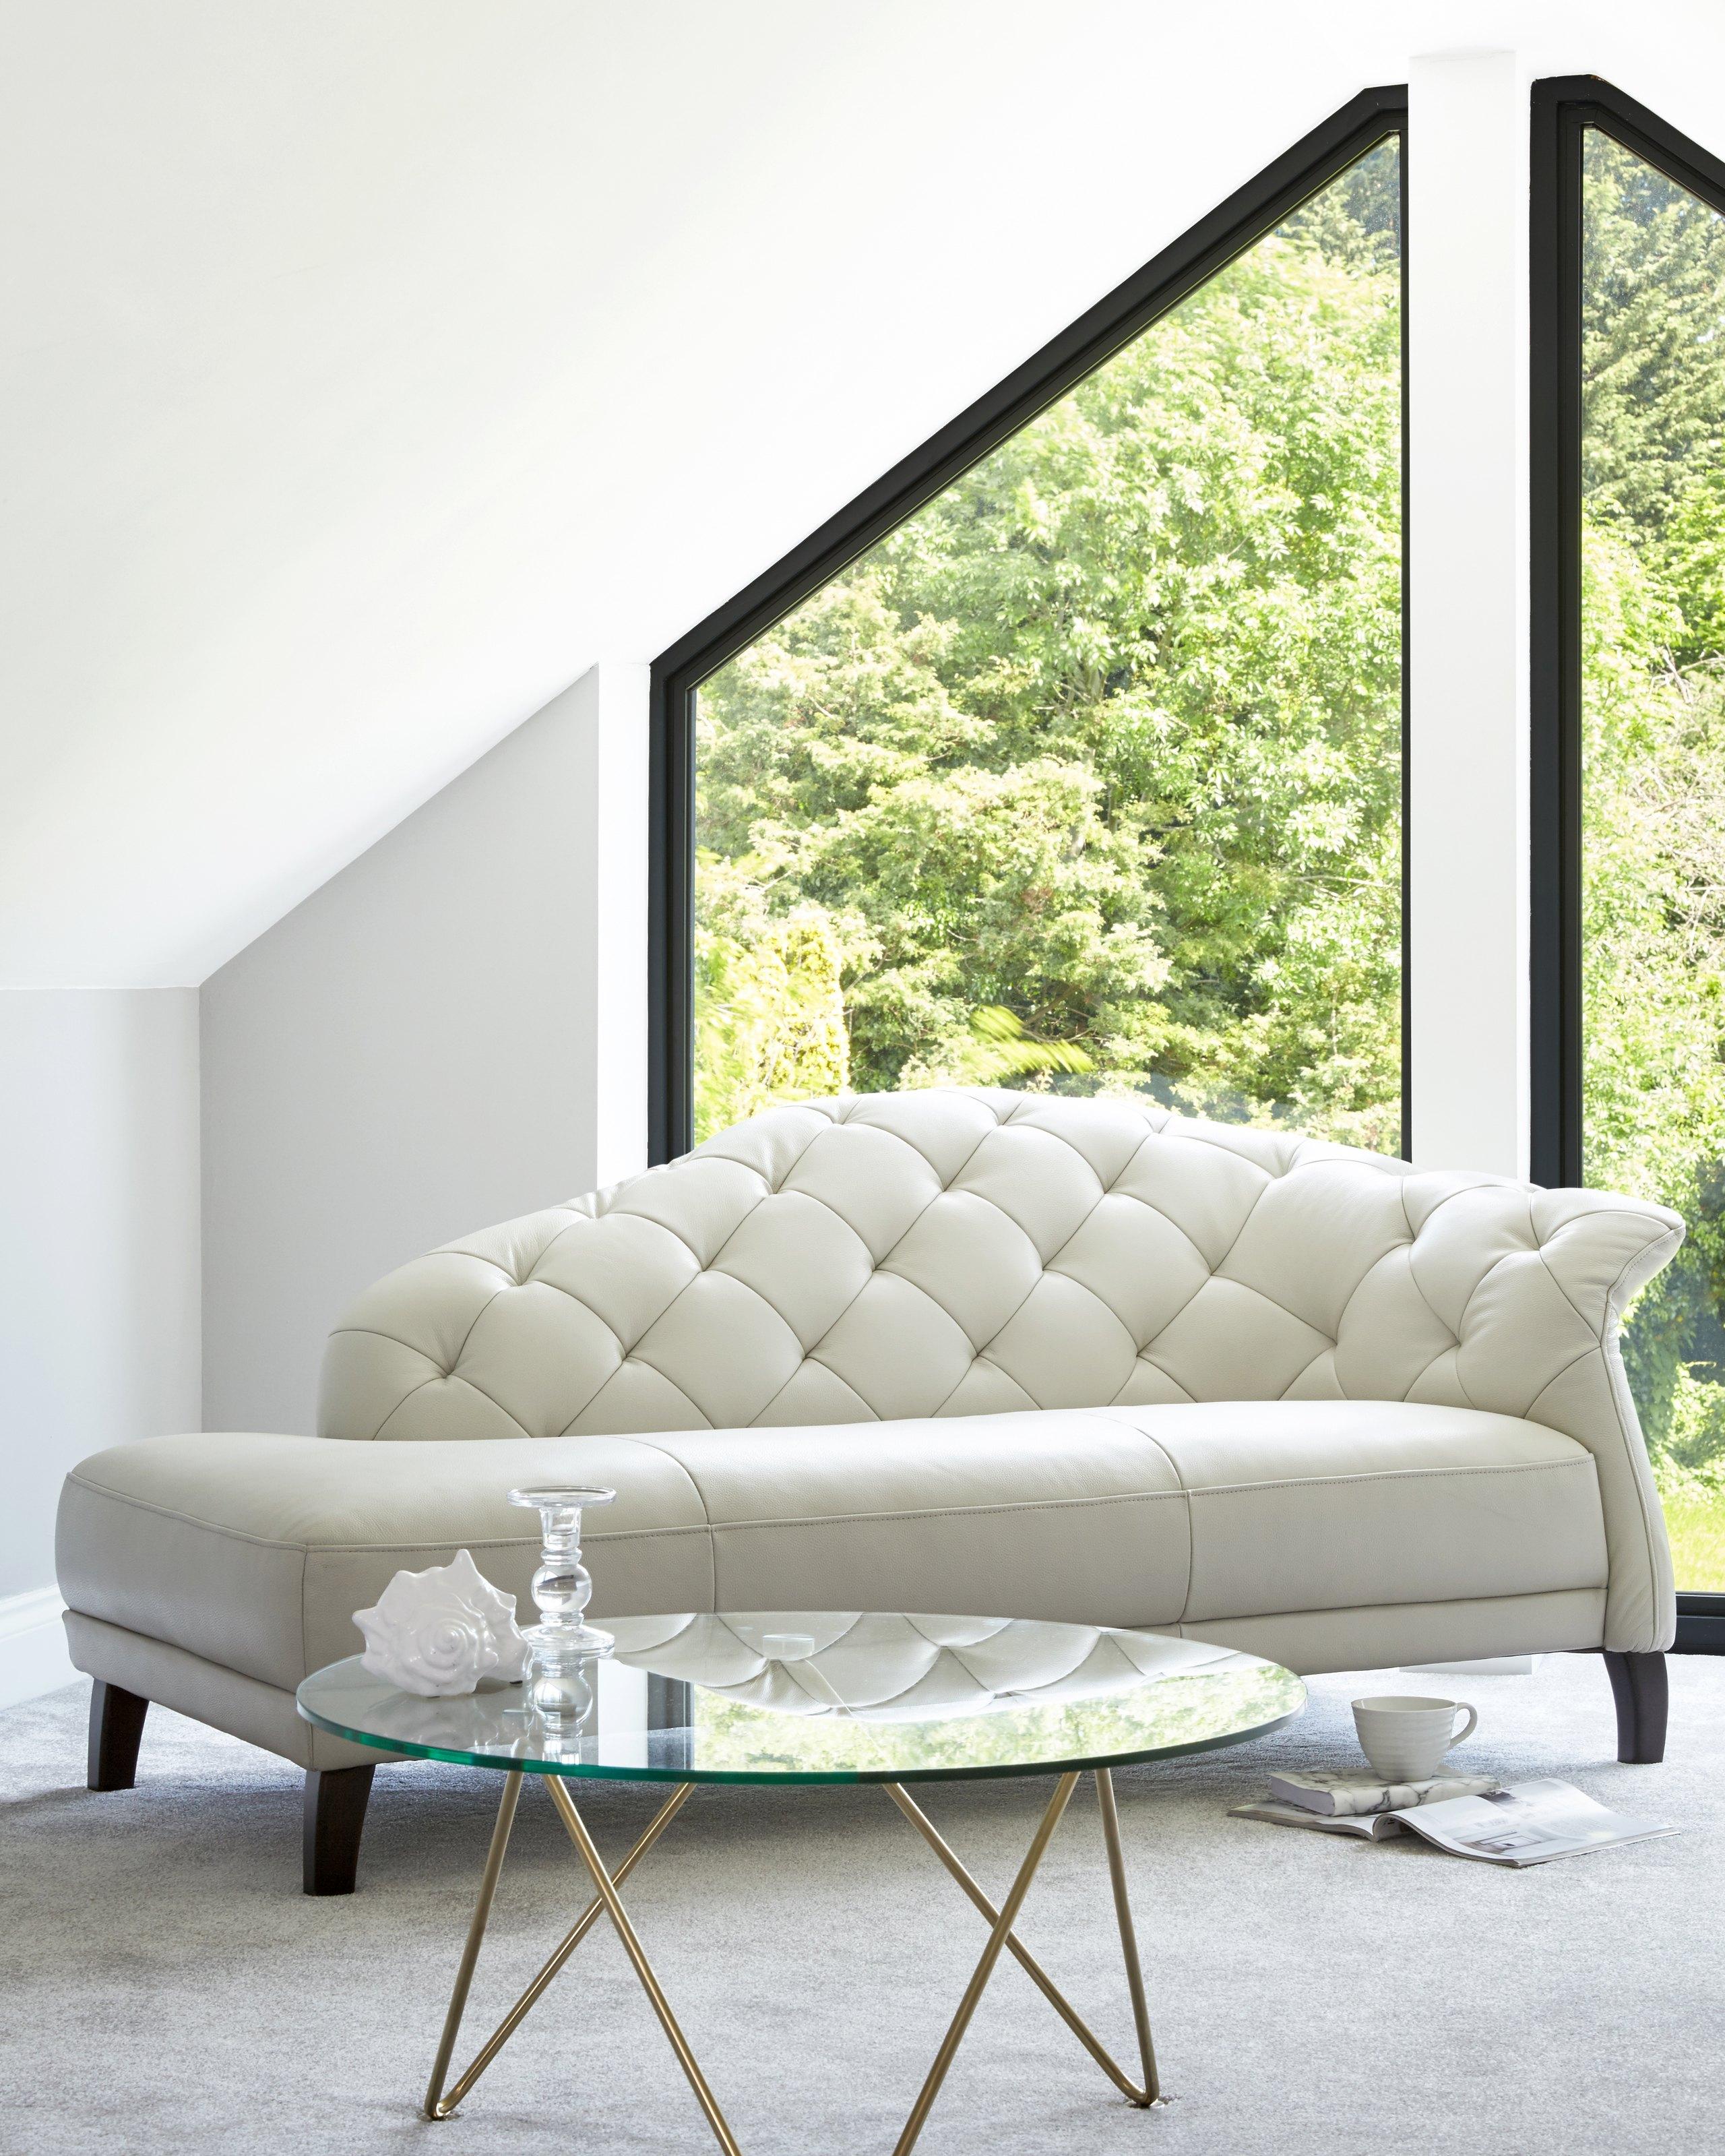 Terrific Living Room Basics Ultimate Living Room Buying Guide Inzonedesignstudio Interior Chair Design Inzonedesignstudiocom